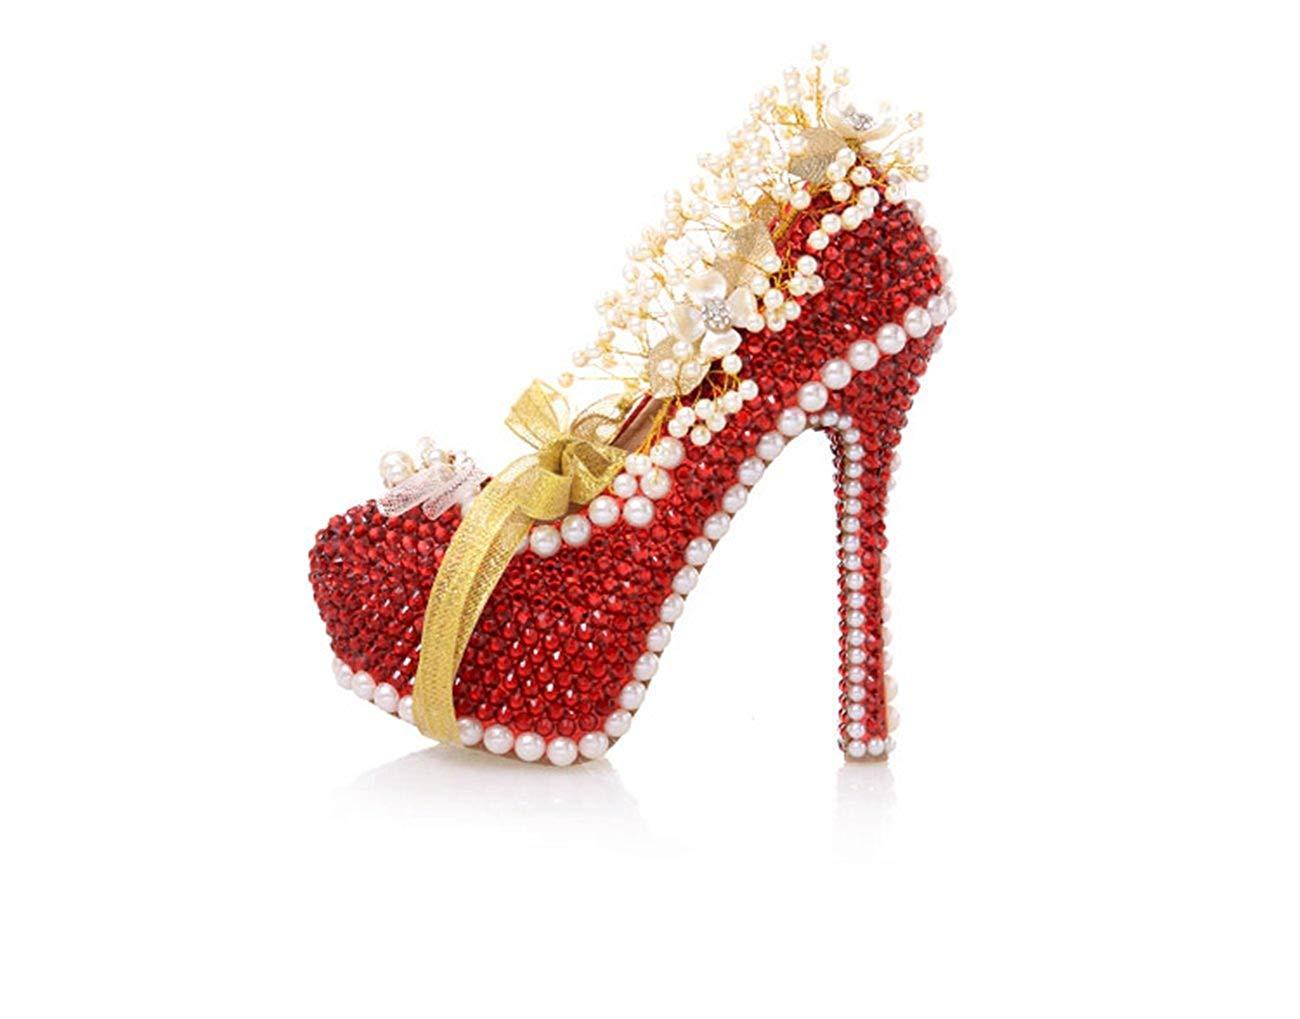 ZHRUI Damen-Kristalle, die rote Braut Versteckte Plattform-Pumpen Plattform-Pumpen Plattform-Pumpen Großbritannien bördeln 2.5 (Farbe   -, Größe   -) c93eb0